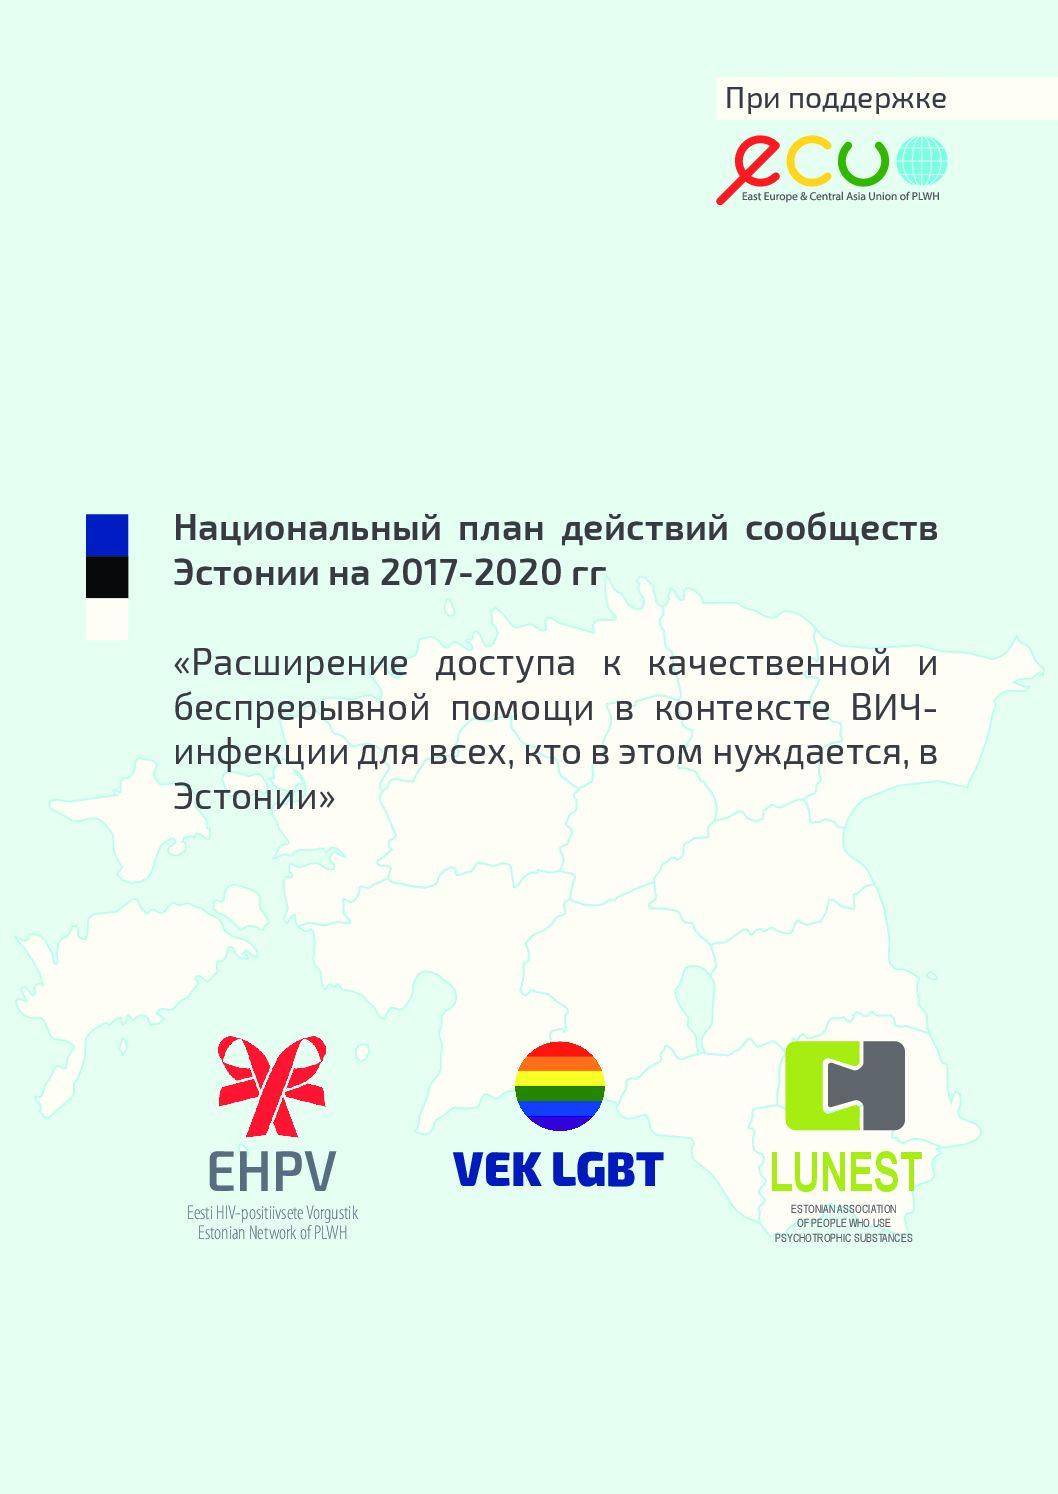 Национальный план действий сообществ Эстонии на 2017-2020 гг